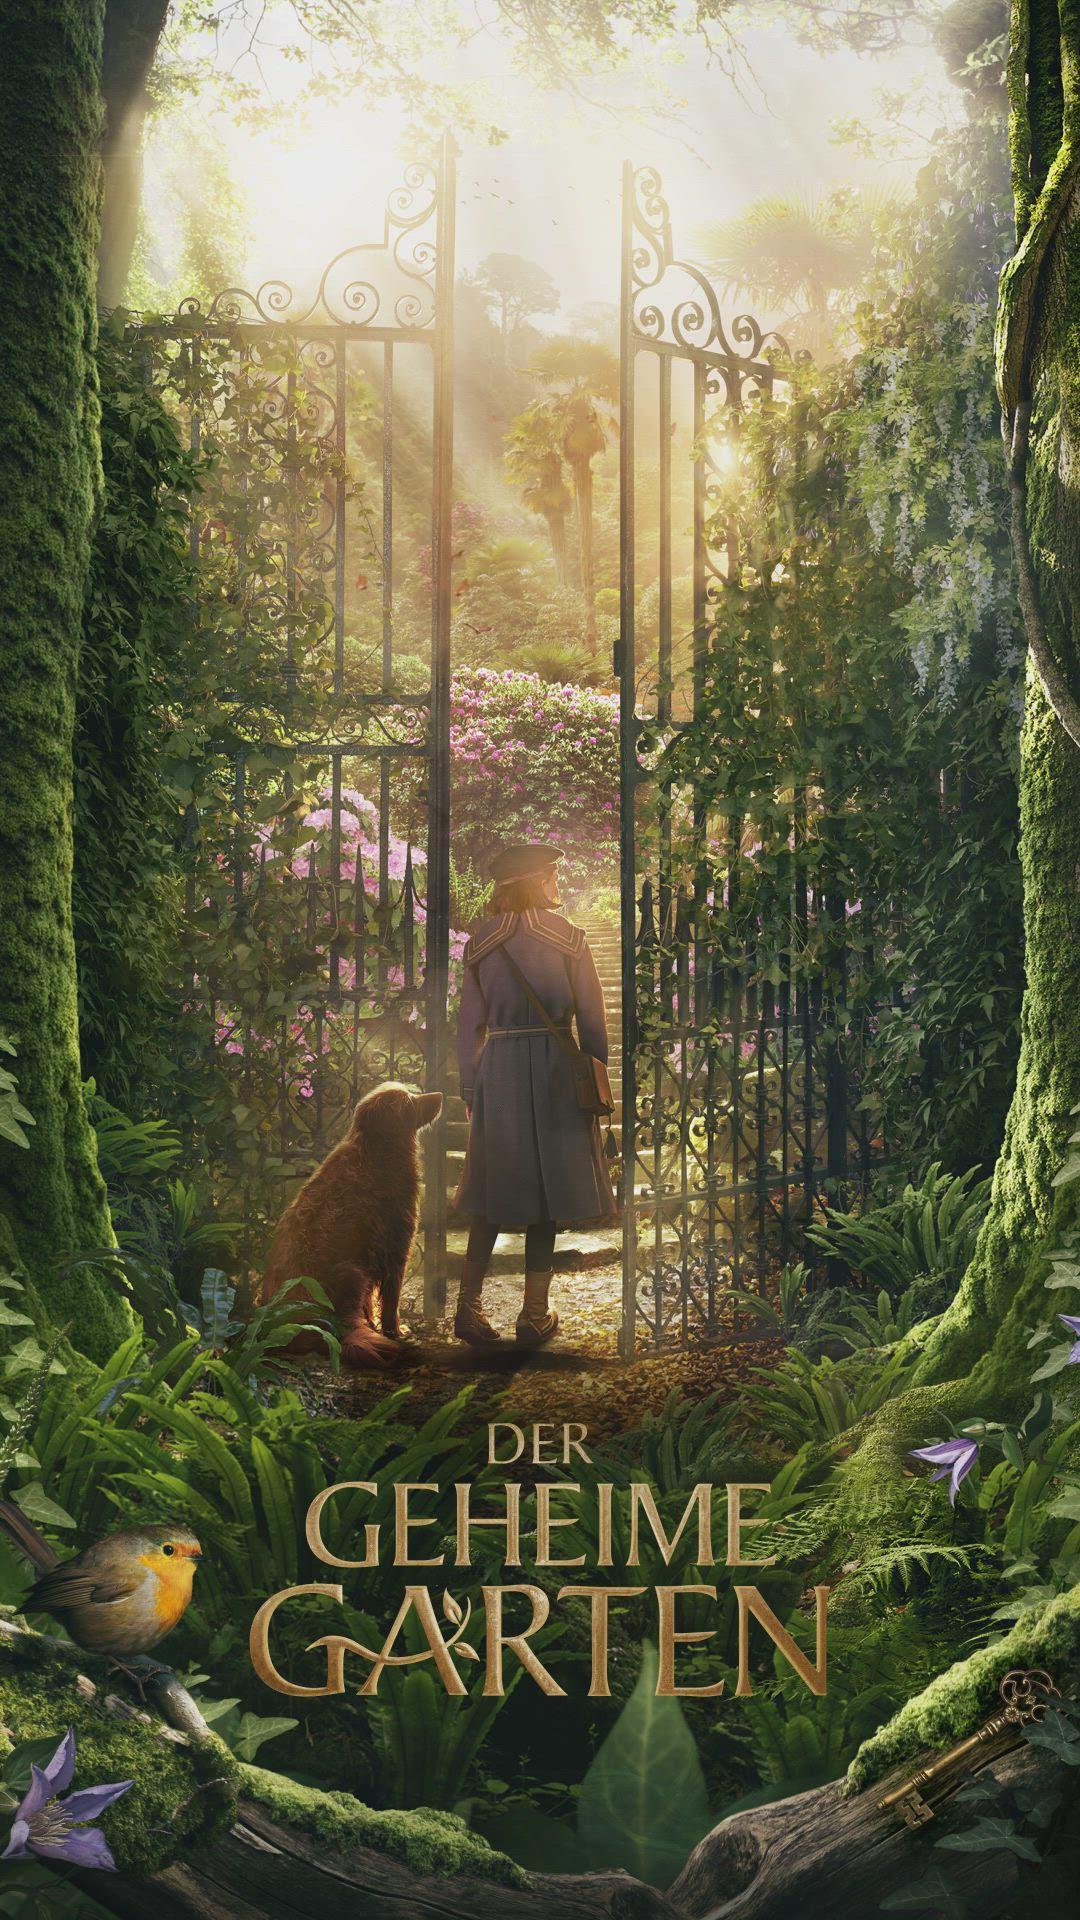 Der Geheime Garten Ab 15 Oktober Im Kino Video In 2020 Geheime Garten Geheimer Garten Coole Filme